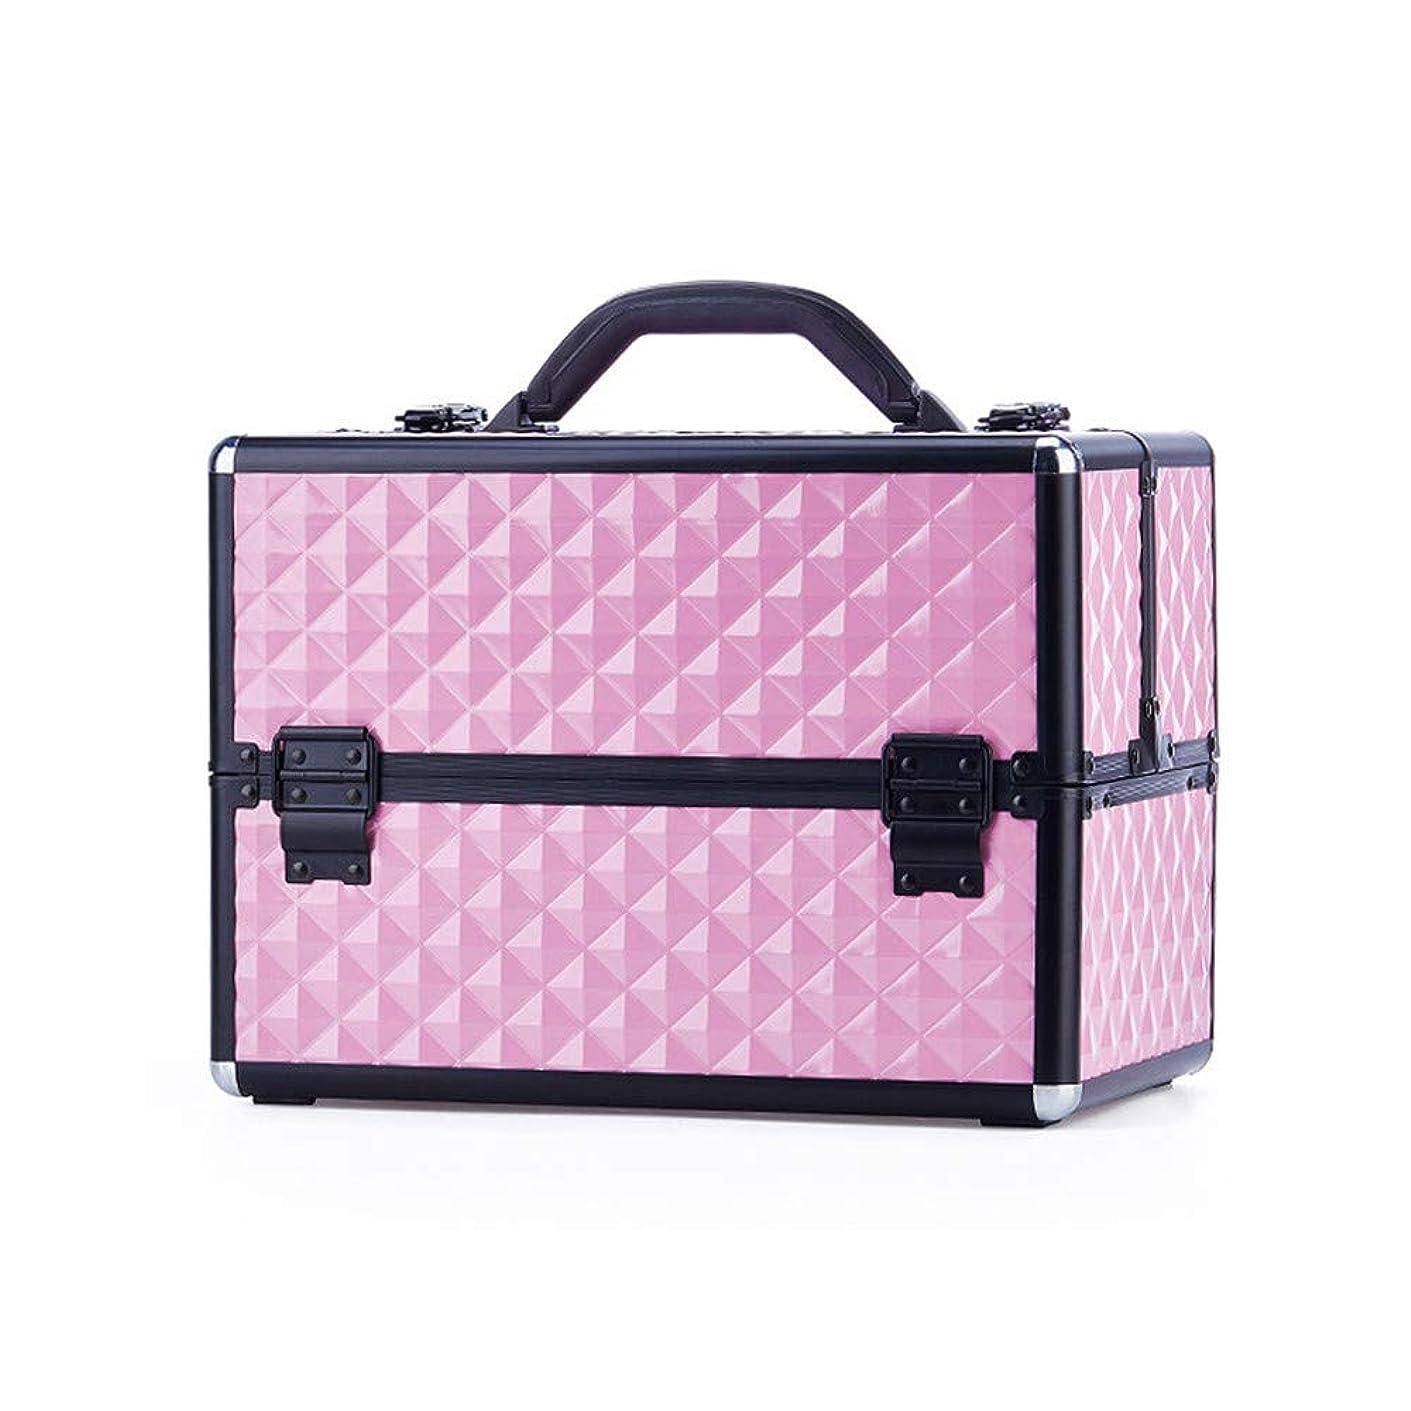 分解する可動特大スペース収納ビューティーボックス 美の構造のためそしてジッパーおよび折る皿が付いている女の子の女性旅行そして毎日の貯蔵のための高容量の携帯用化粧品袋 化粧品化粧台 (色 : ピンク)